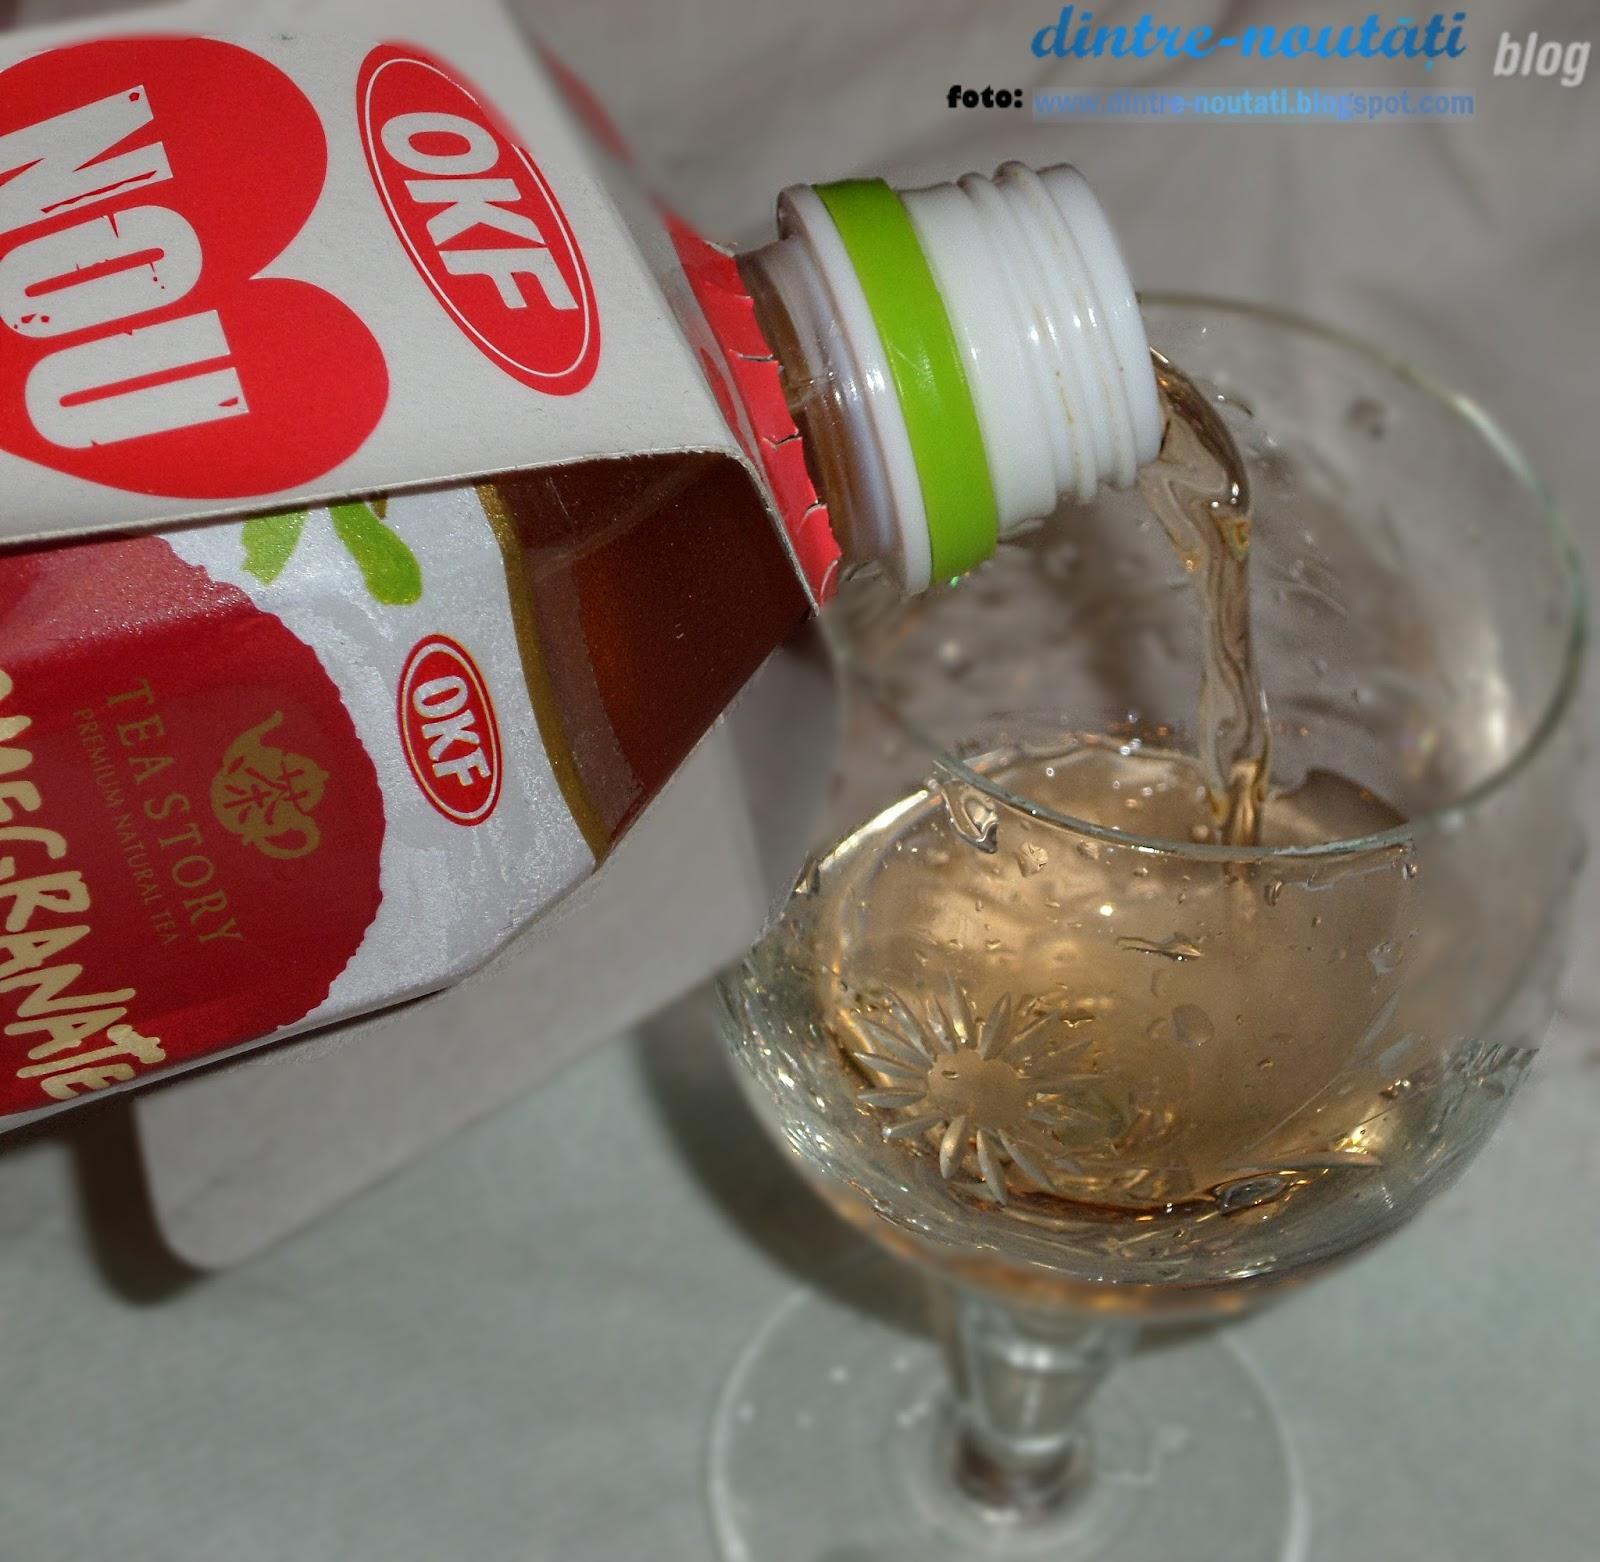 Ceai de rodie fără coloranți artificiali, conservanți și arome artificiale